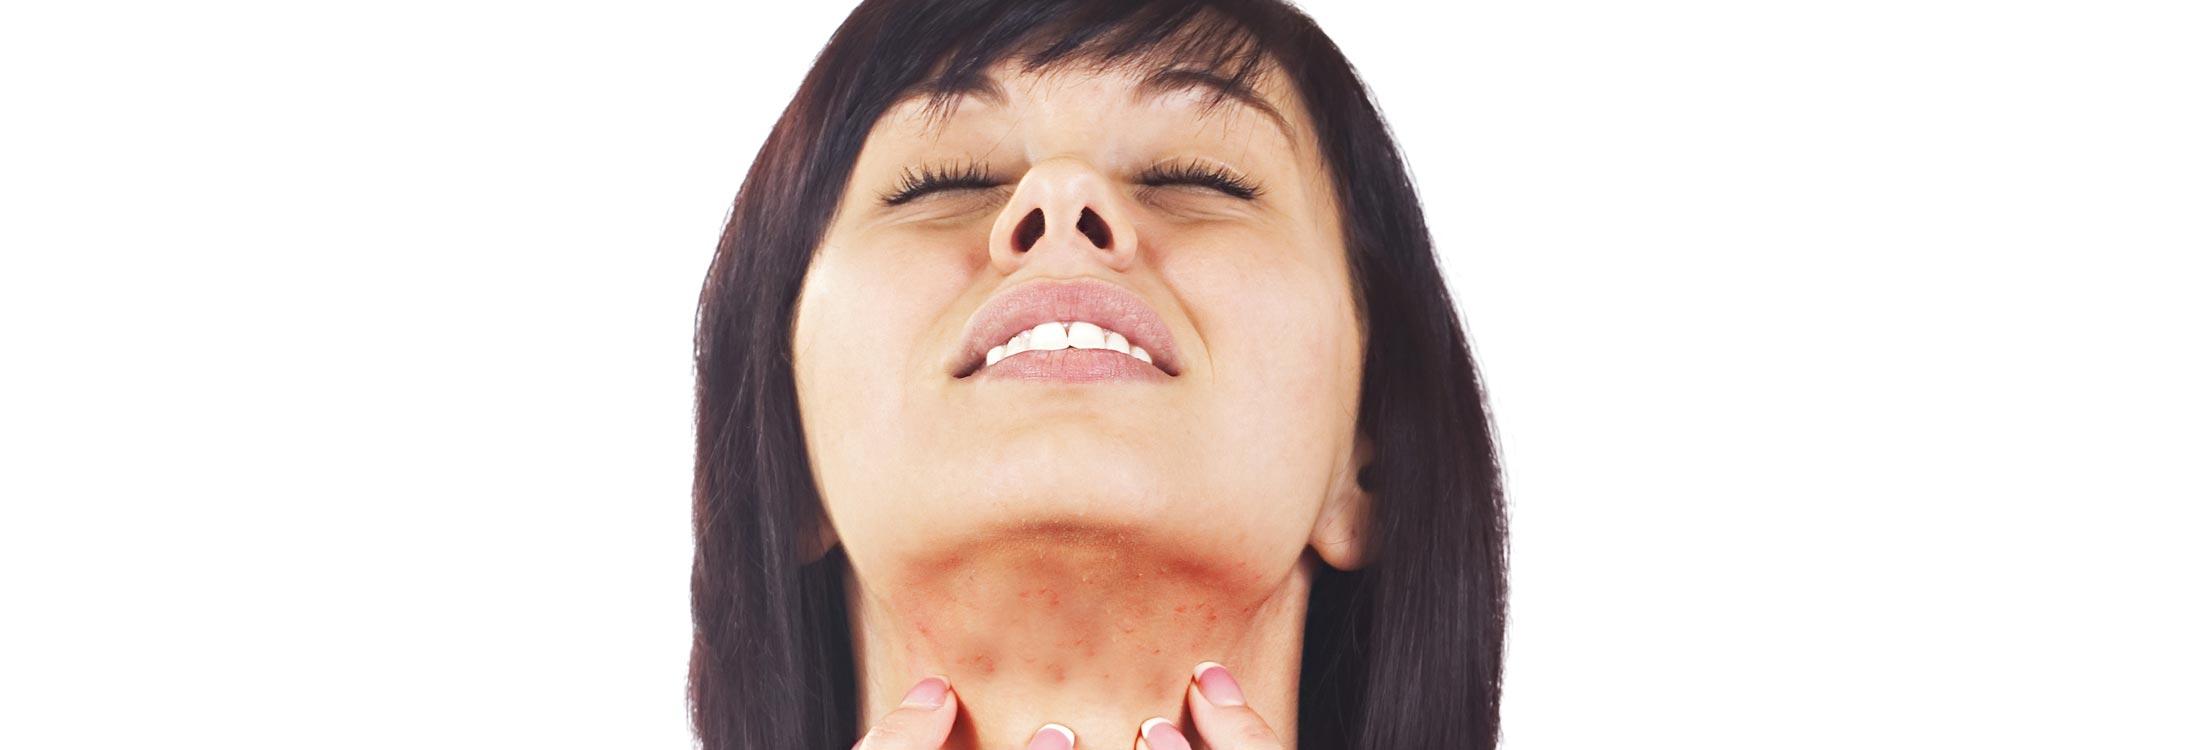 Radien Dermatology - Eczema-Dermatitis